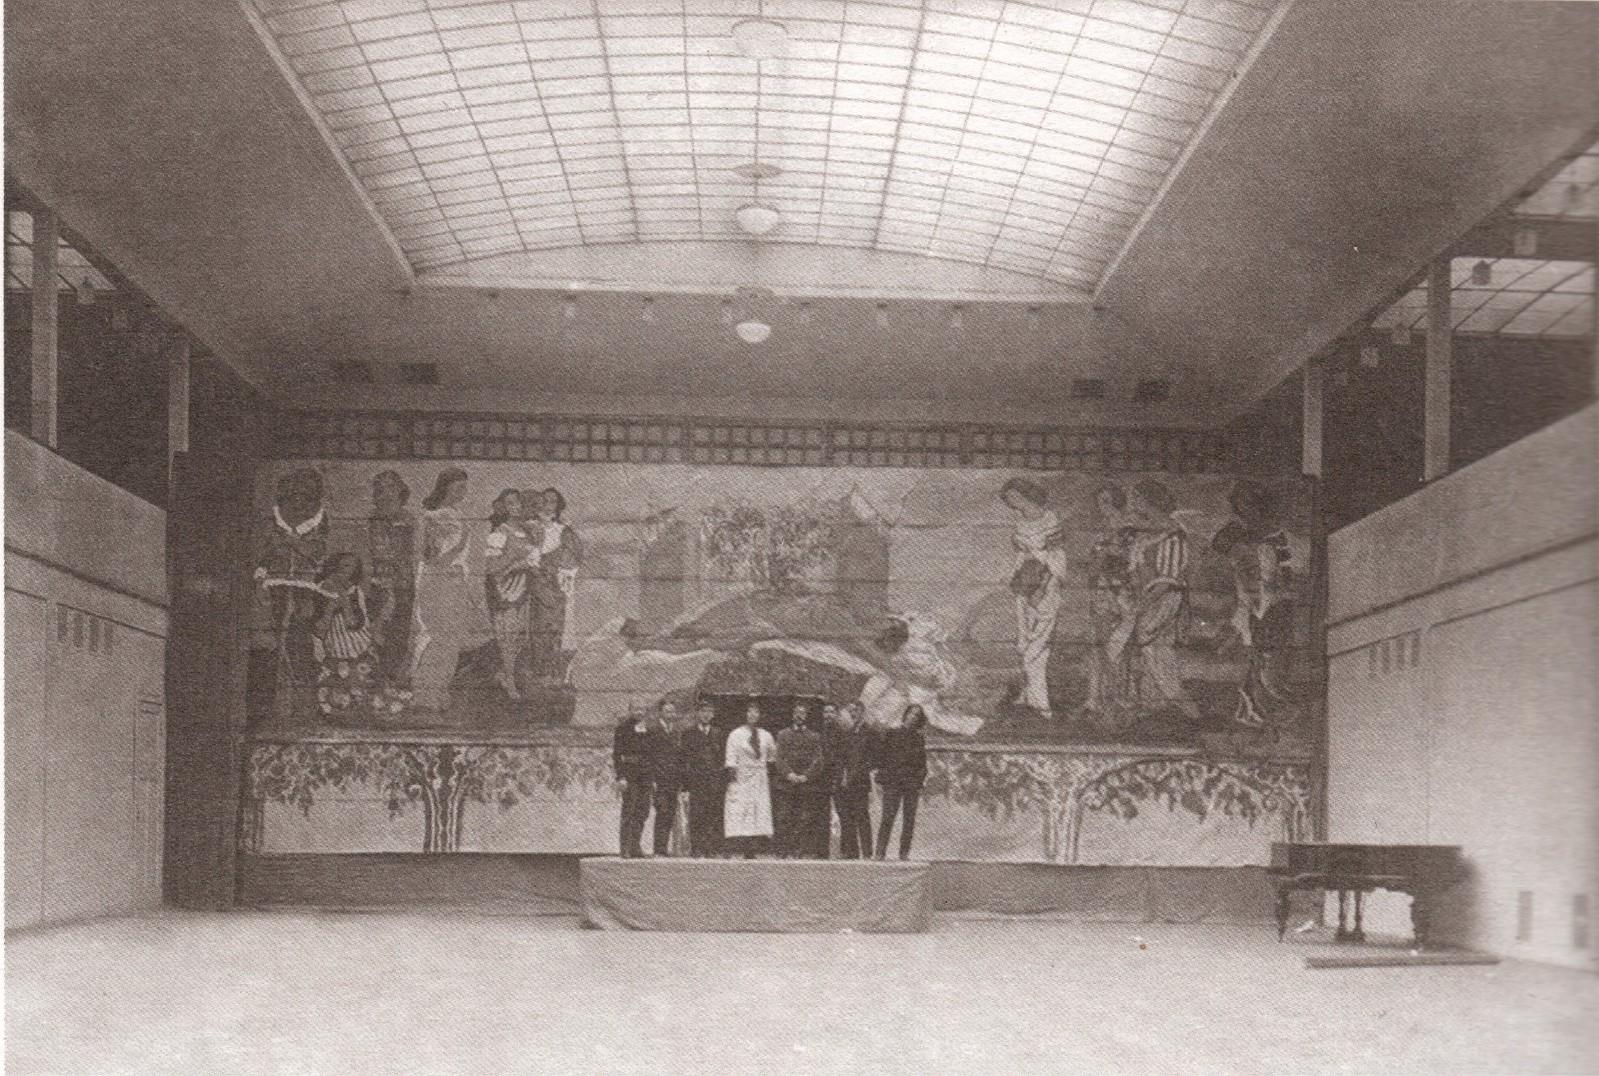 Интерьер картинной галереи Училища живописи, ваяния и зодчества с фонарями верхнего света. 1913